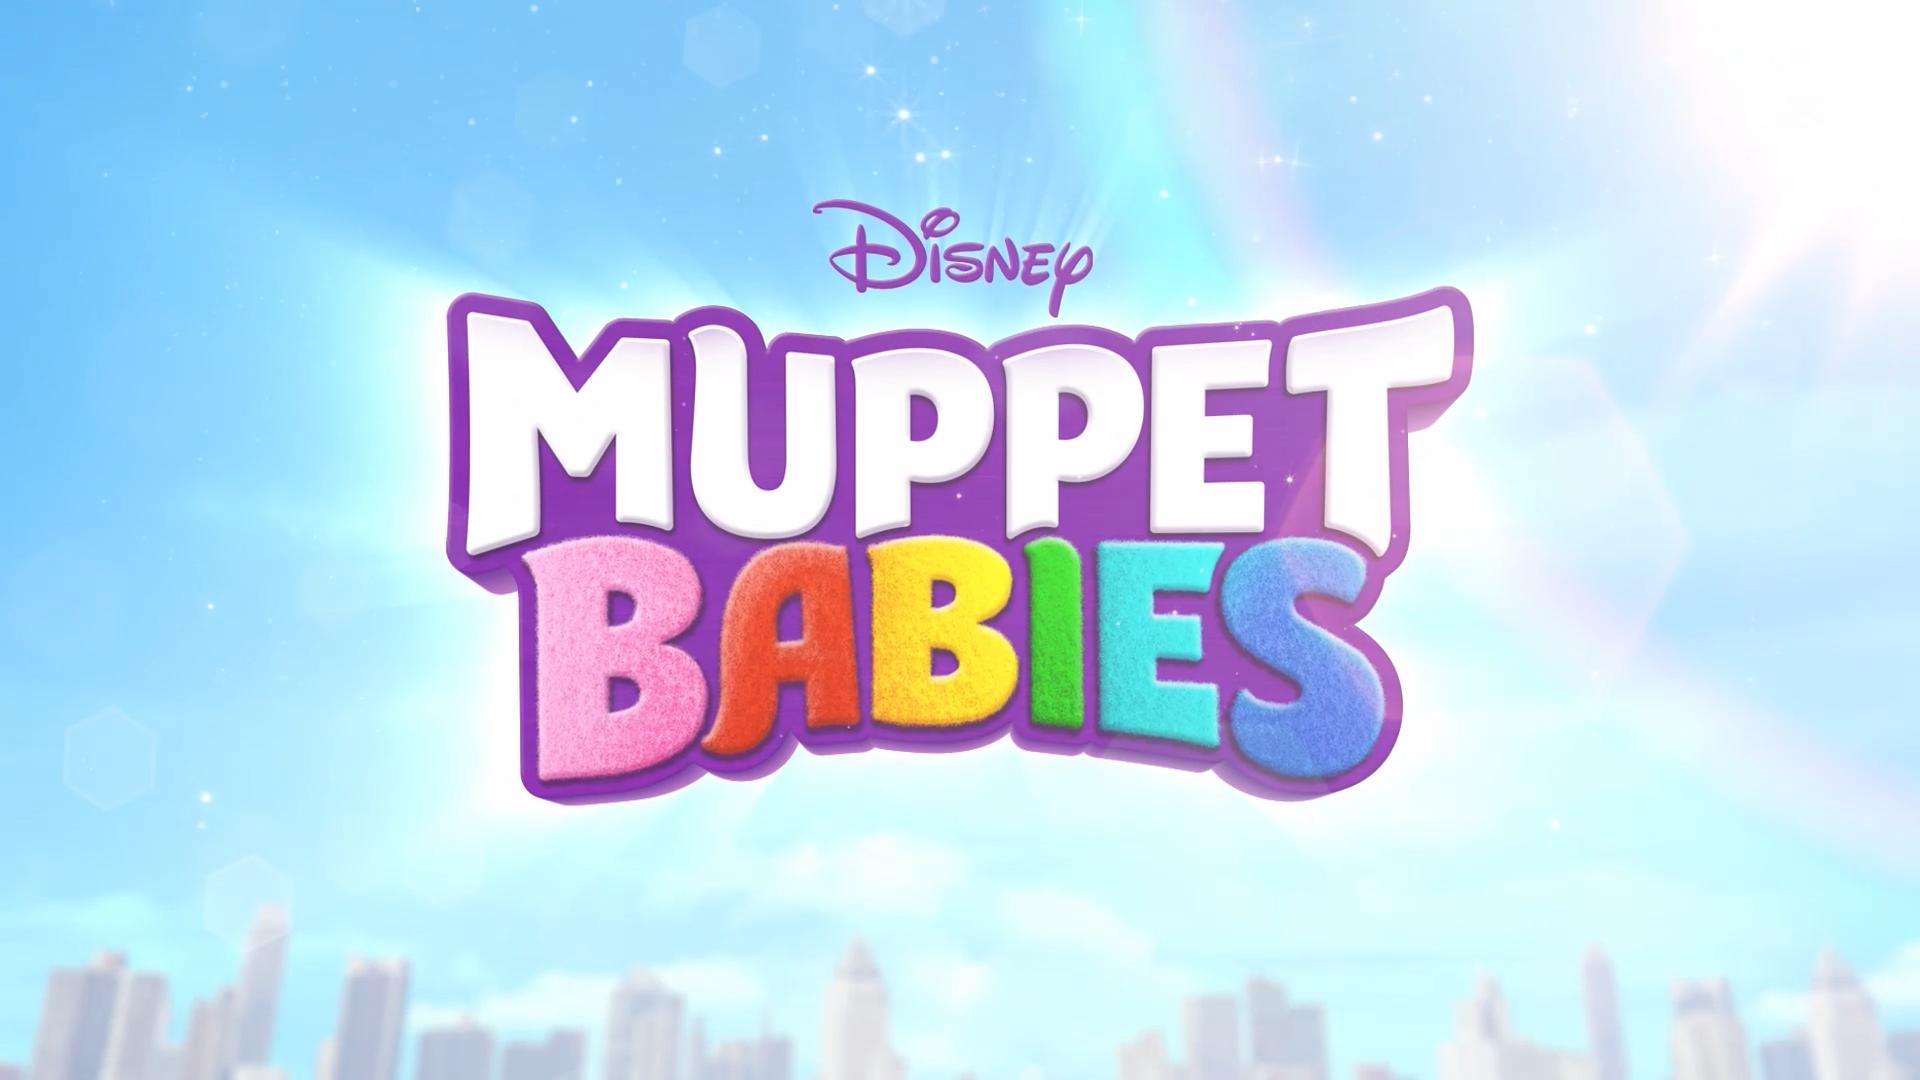 Muppet Babies (series)